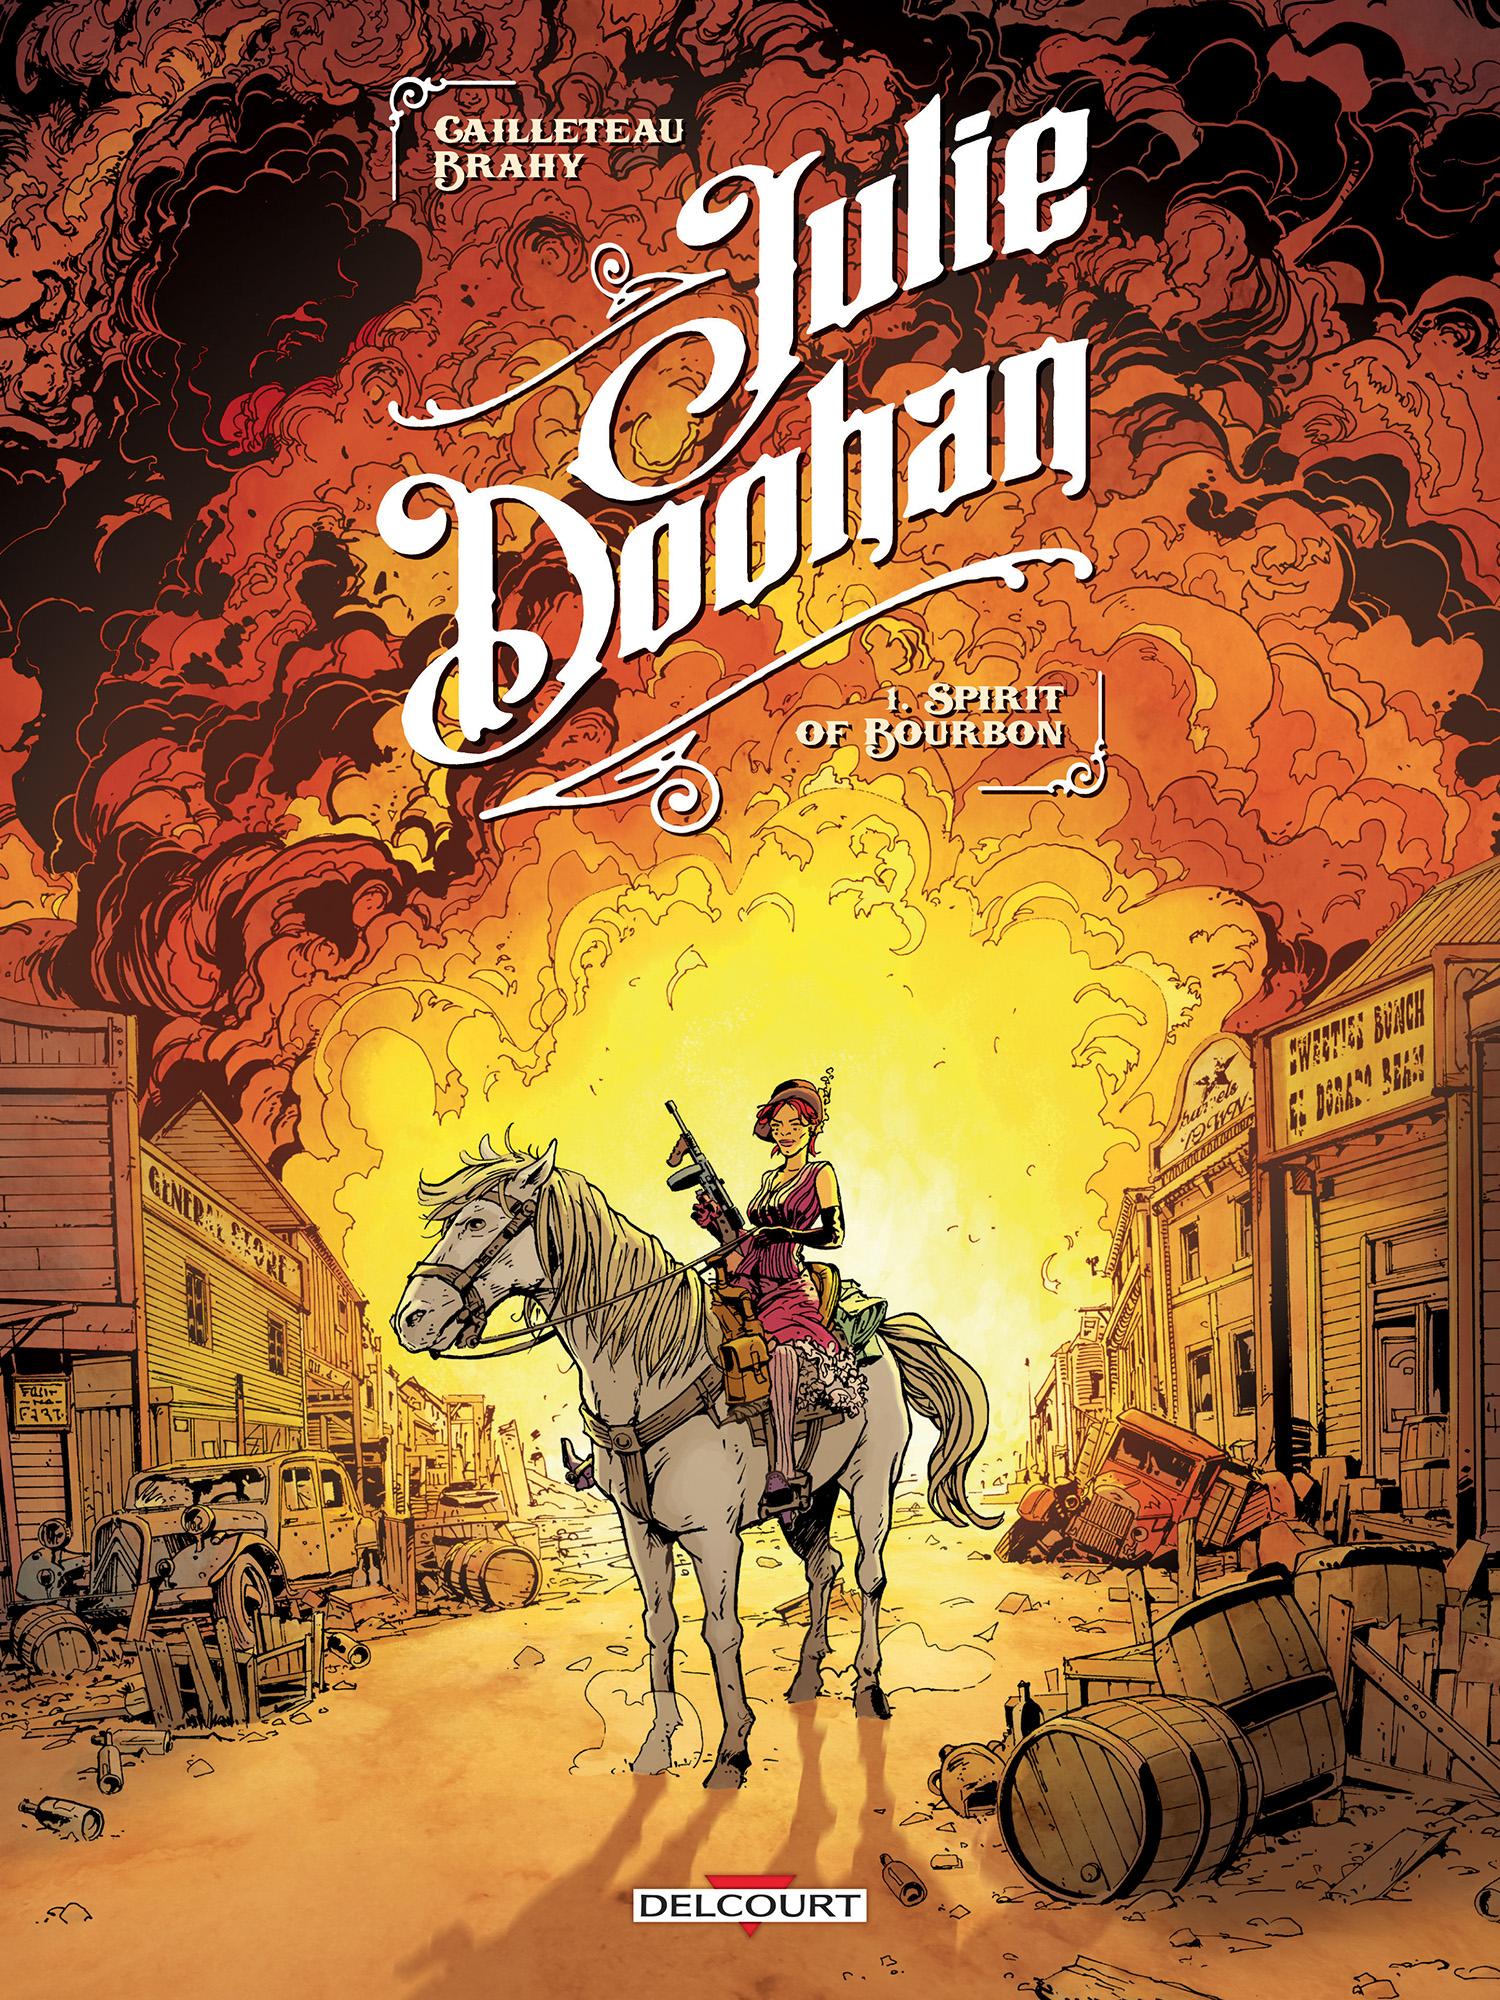 Julie Doohan 1 - Spirit of bourbon